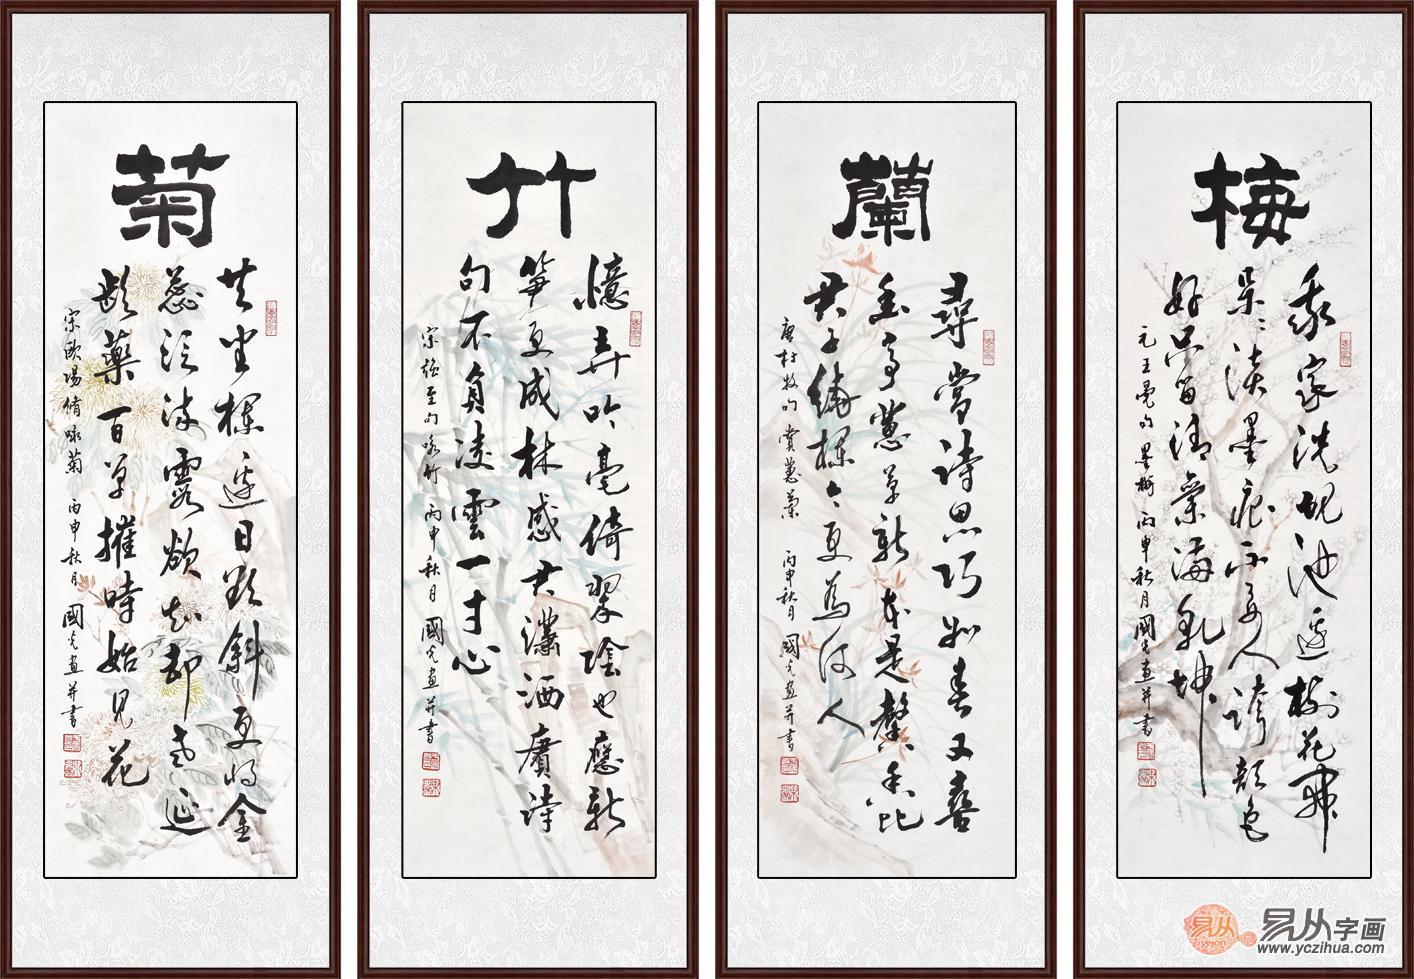 五星级酒店装饰画 中国风书法品位之选